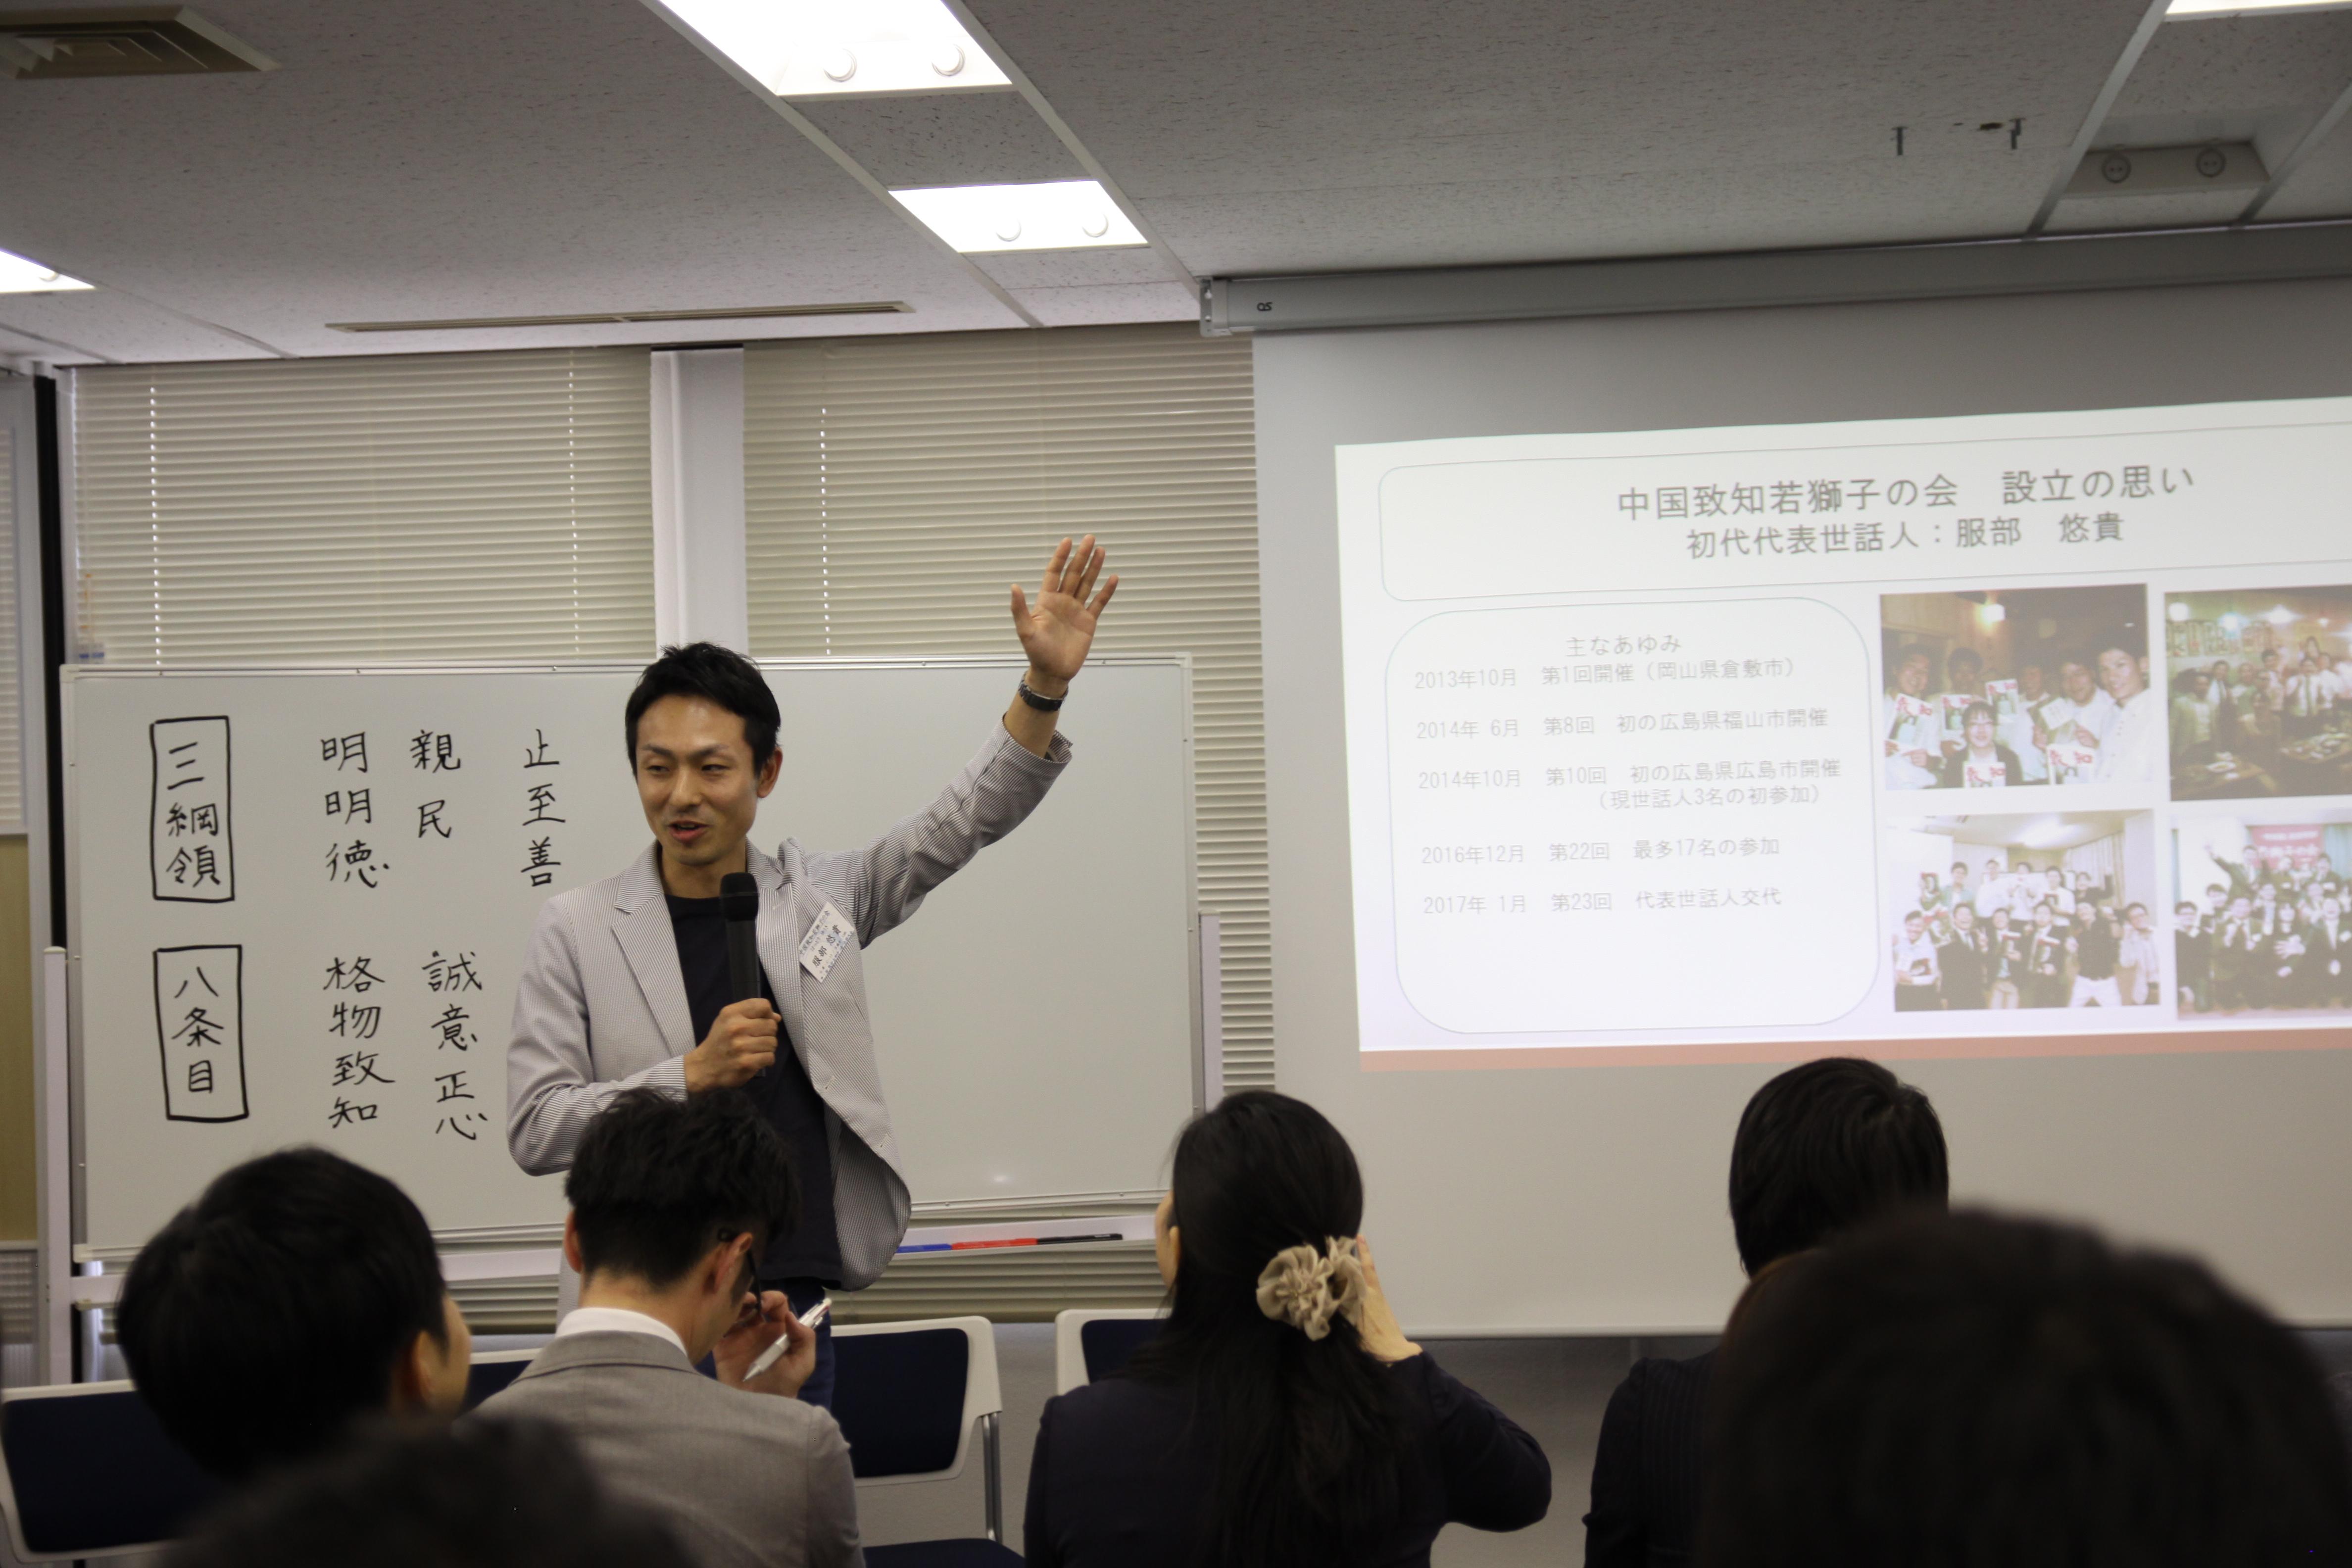 IMG 4666 - 関東若獅子の会、記念すべき第100回